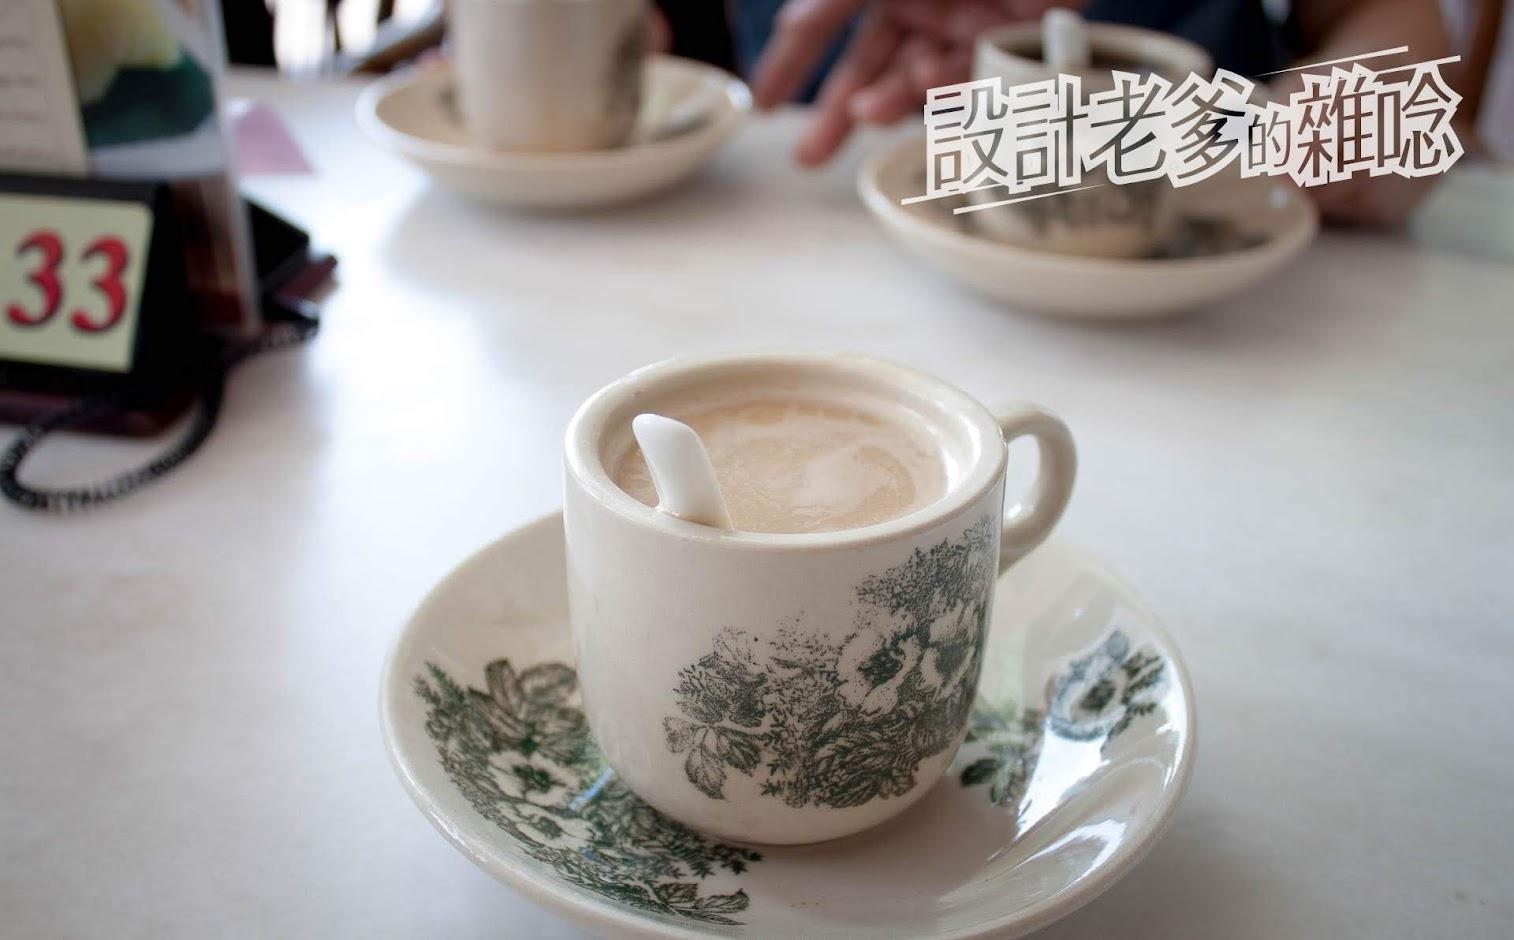 親愛的二合一白咖啡...與我緣分最深的親愛的